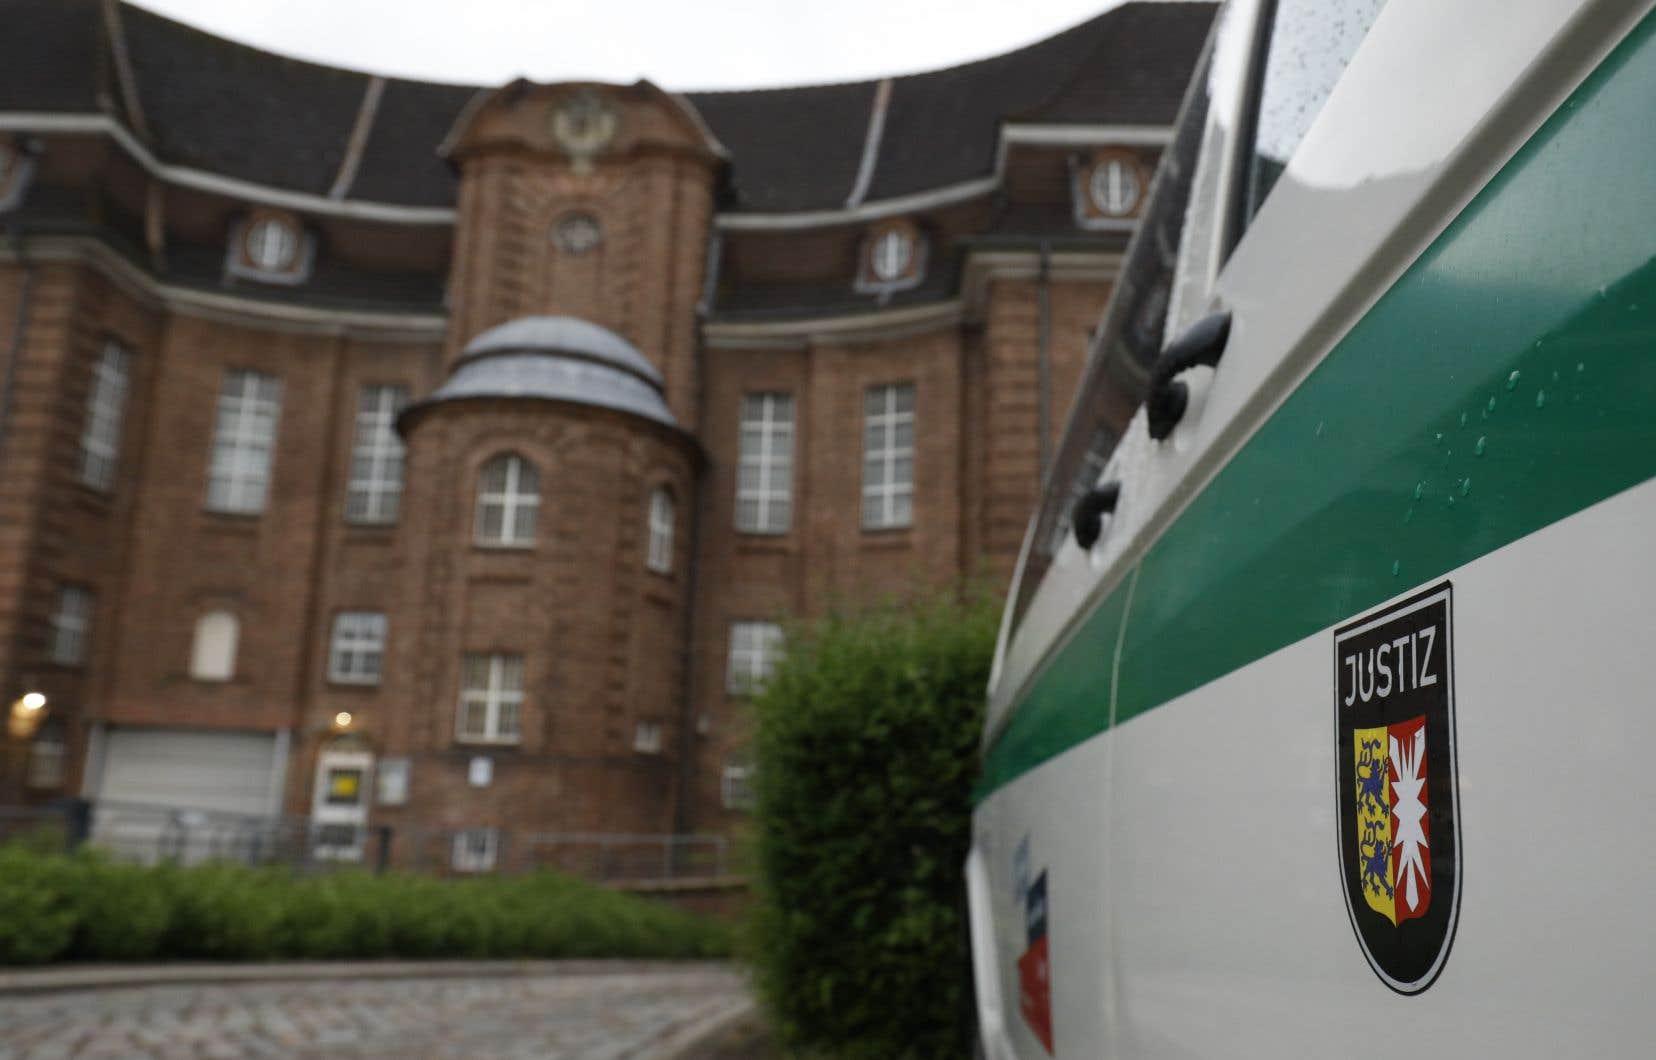 <p>Le suspect, Christian B., 43 ans, est actuellement en détention à Kiel, dans le nord de l'Allemagne, pour une autre affaire.</p>